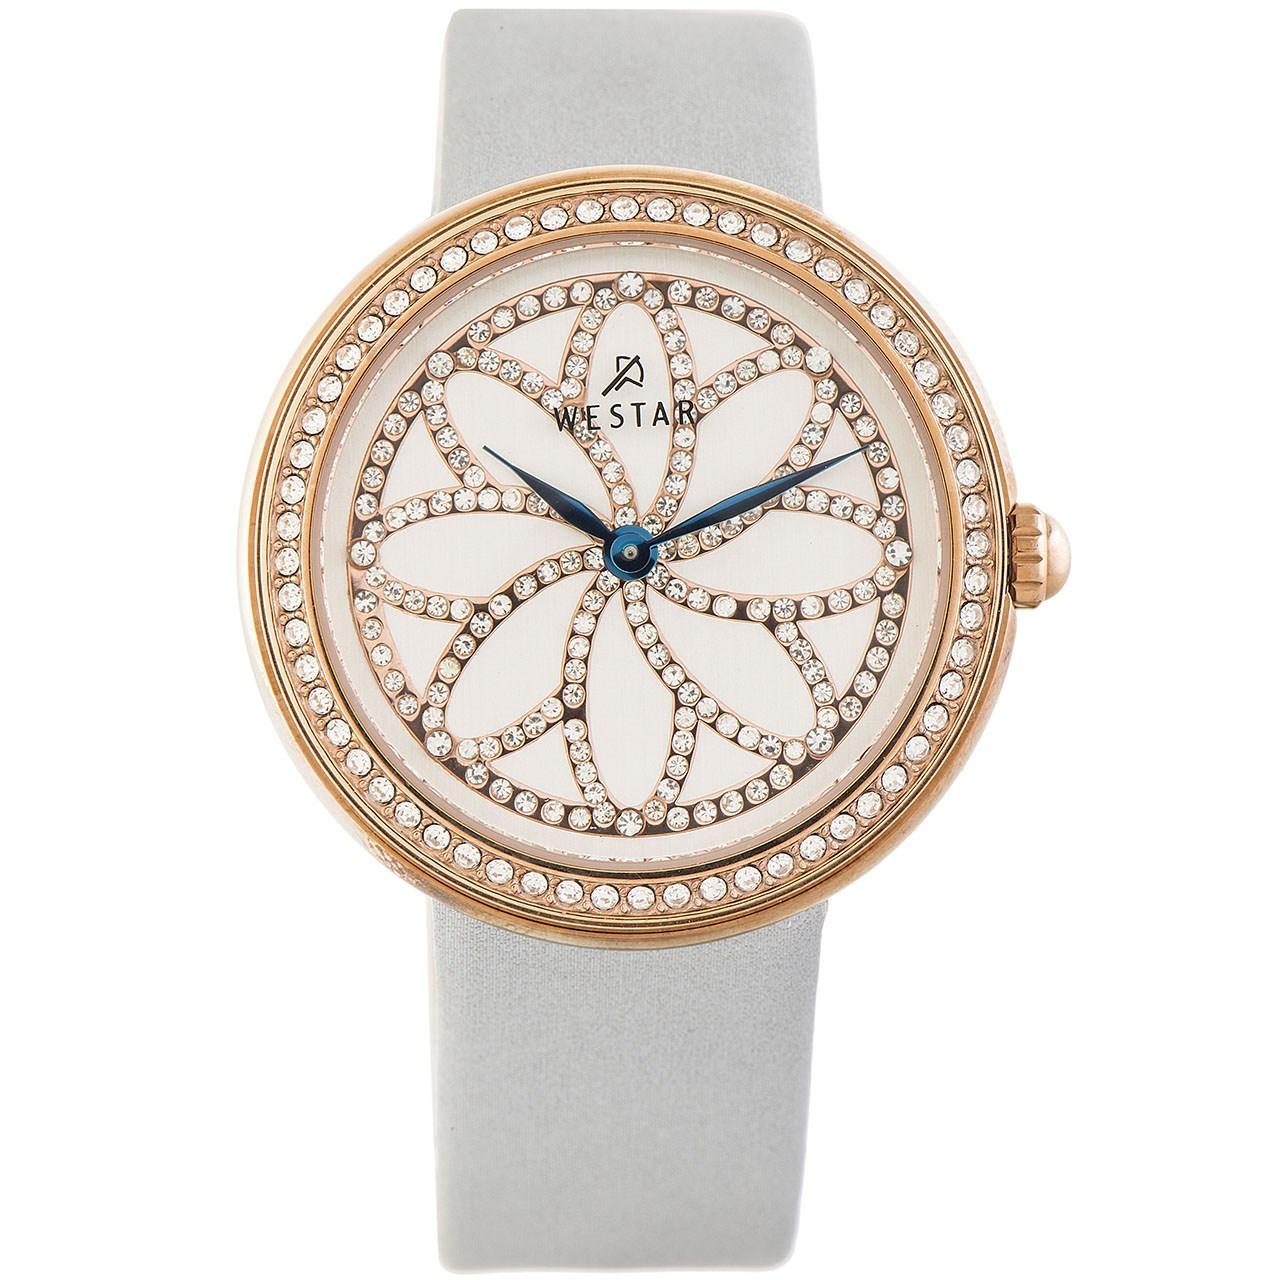 ساعت مچی عقربهای زنانه وستار مدل W0365PPN437